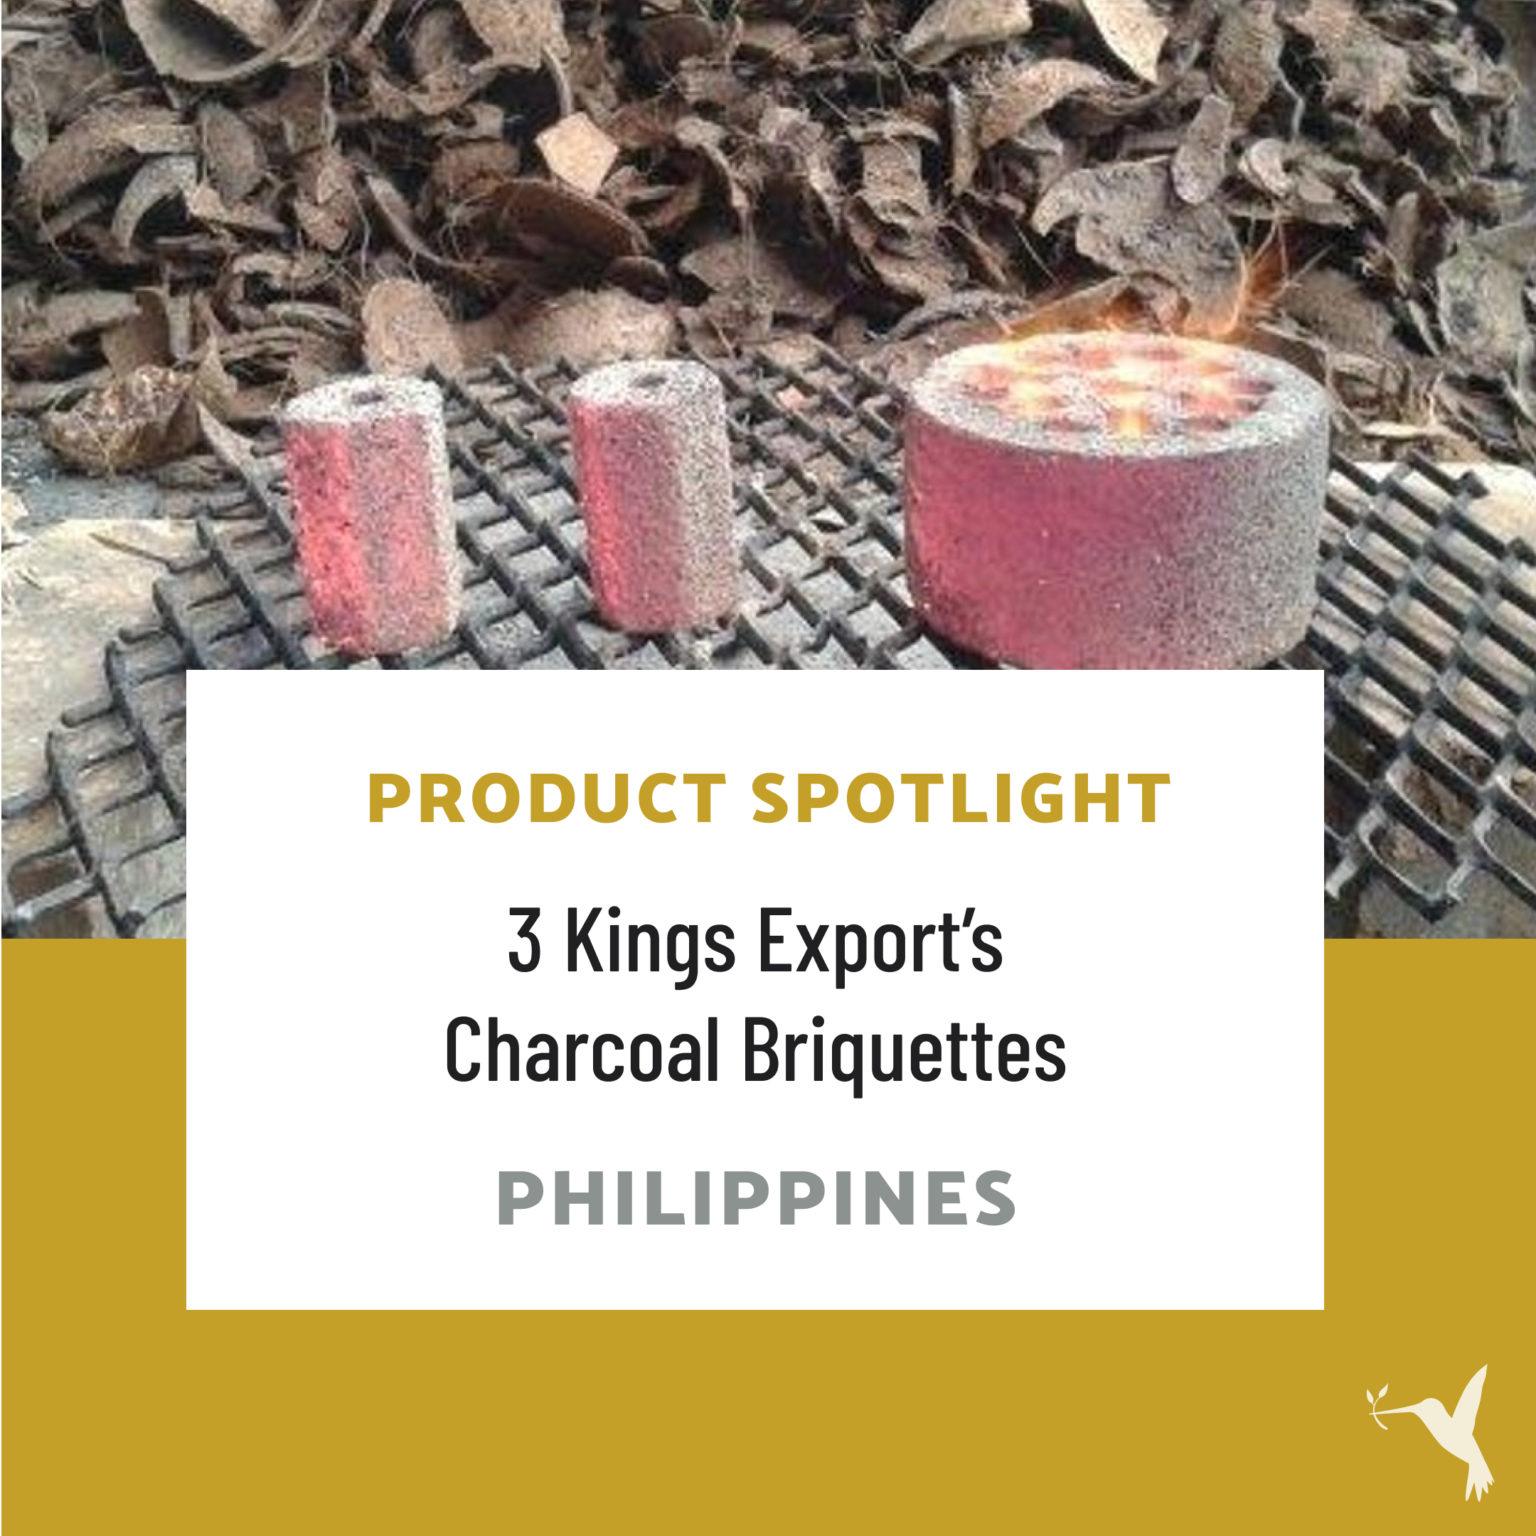 3 Kings Export